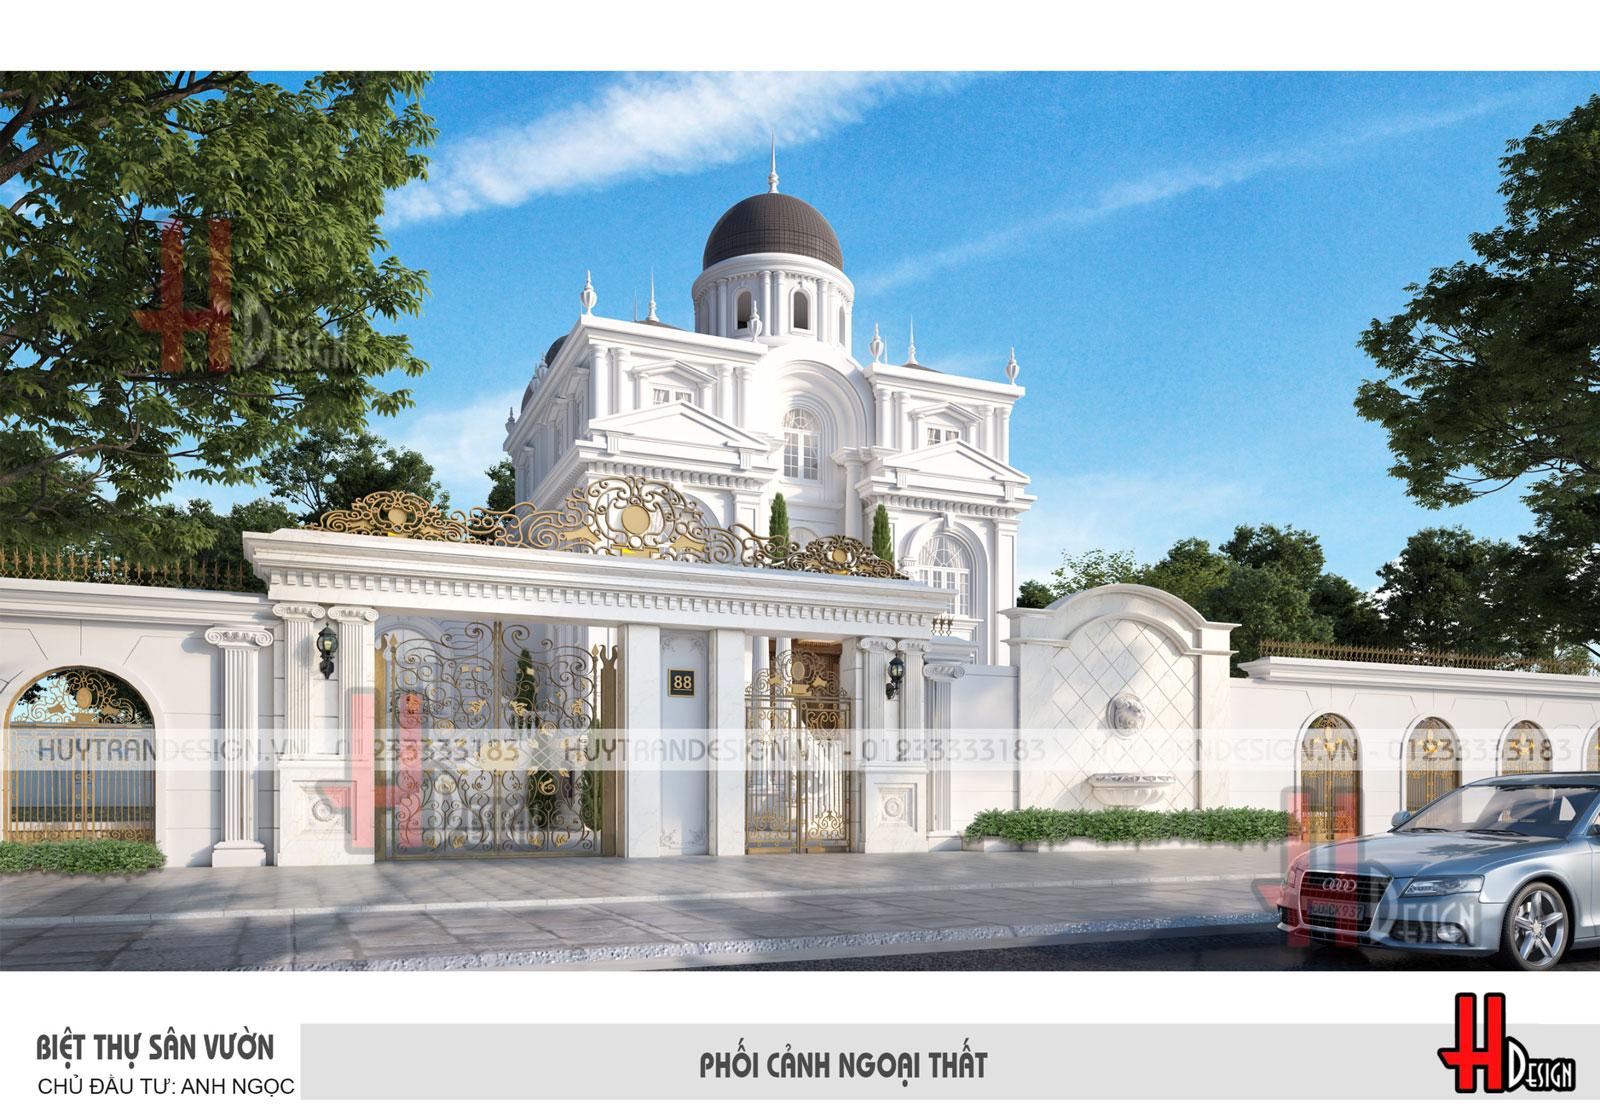 Mẫu thiết kế kiến trúc lâu đài tân cổ điển tại Đông Anh - Chủ đầu tư anh Ngọc